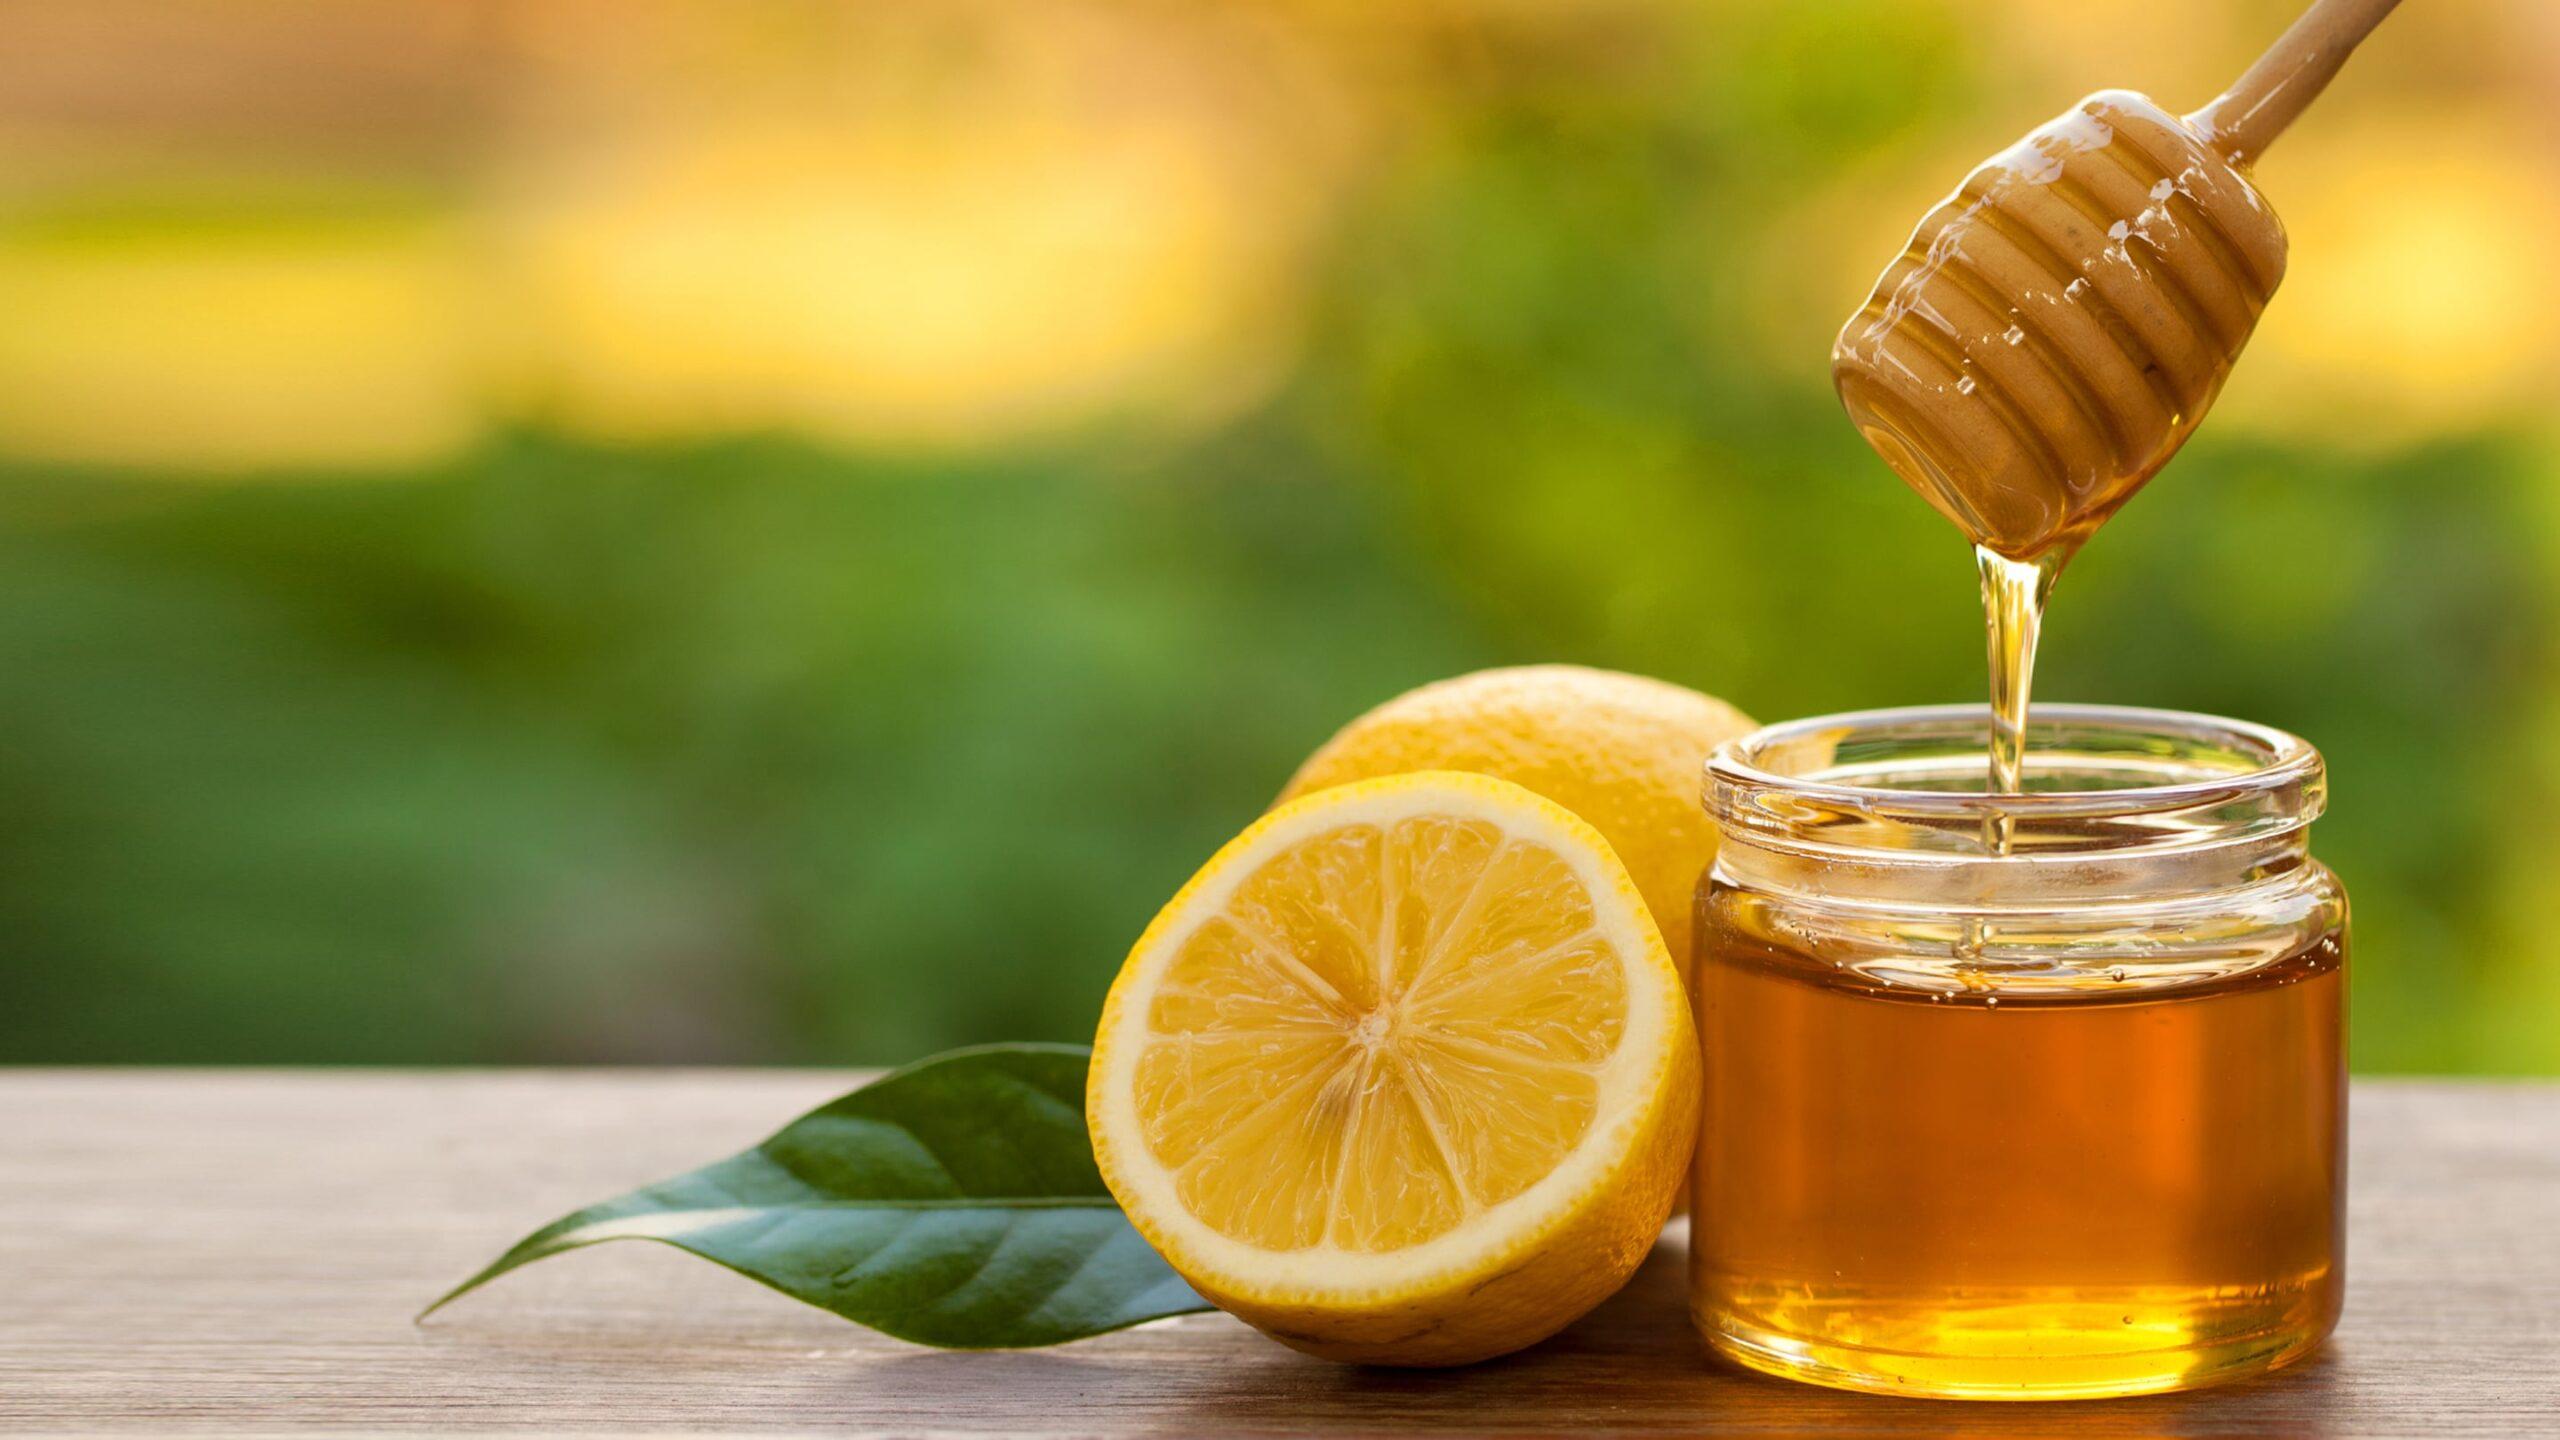 Thực phẩm nguy hiểm đầu tiên không nên cho trẻ ăn là mật ong